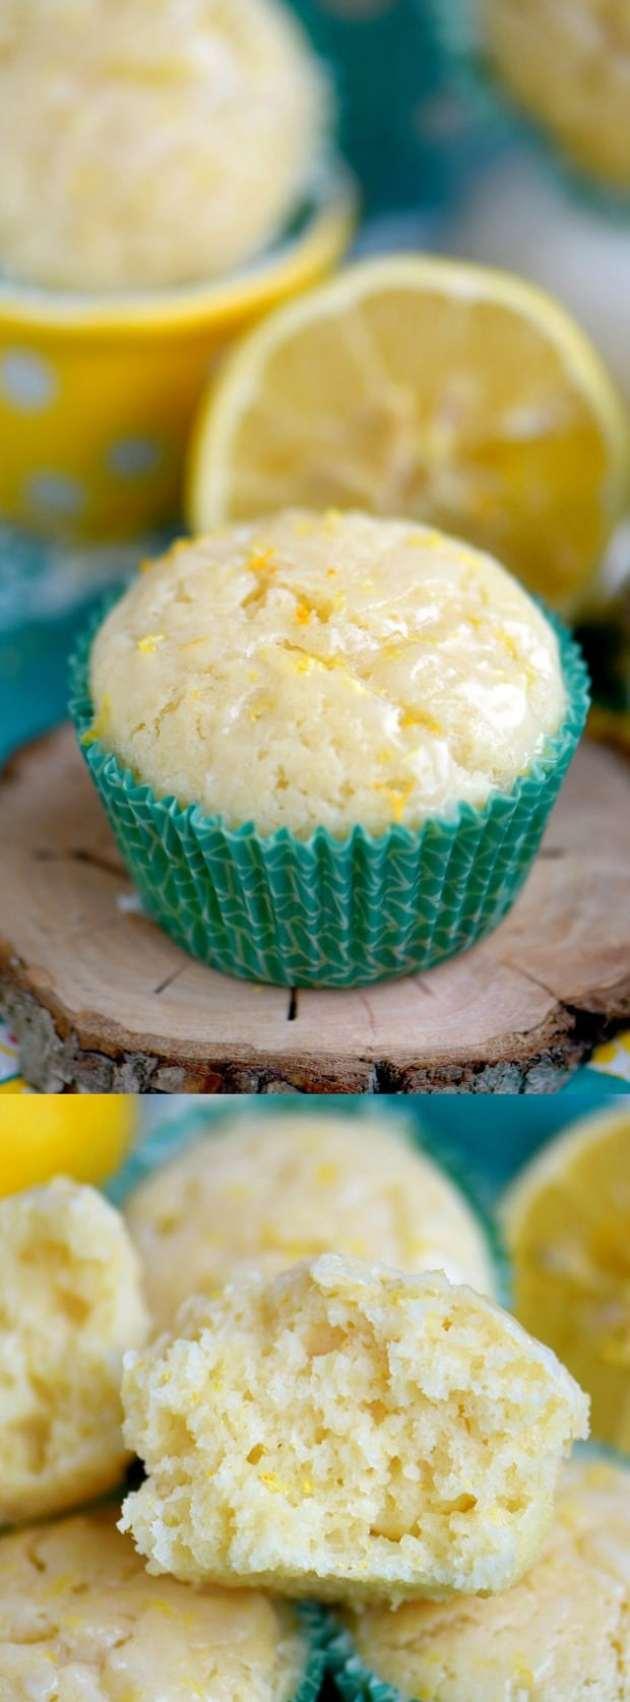 Skinny Lemon Muffins Longpin